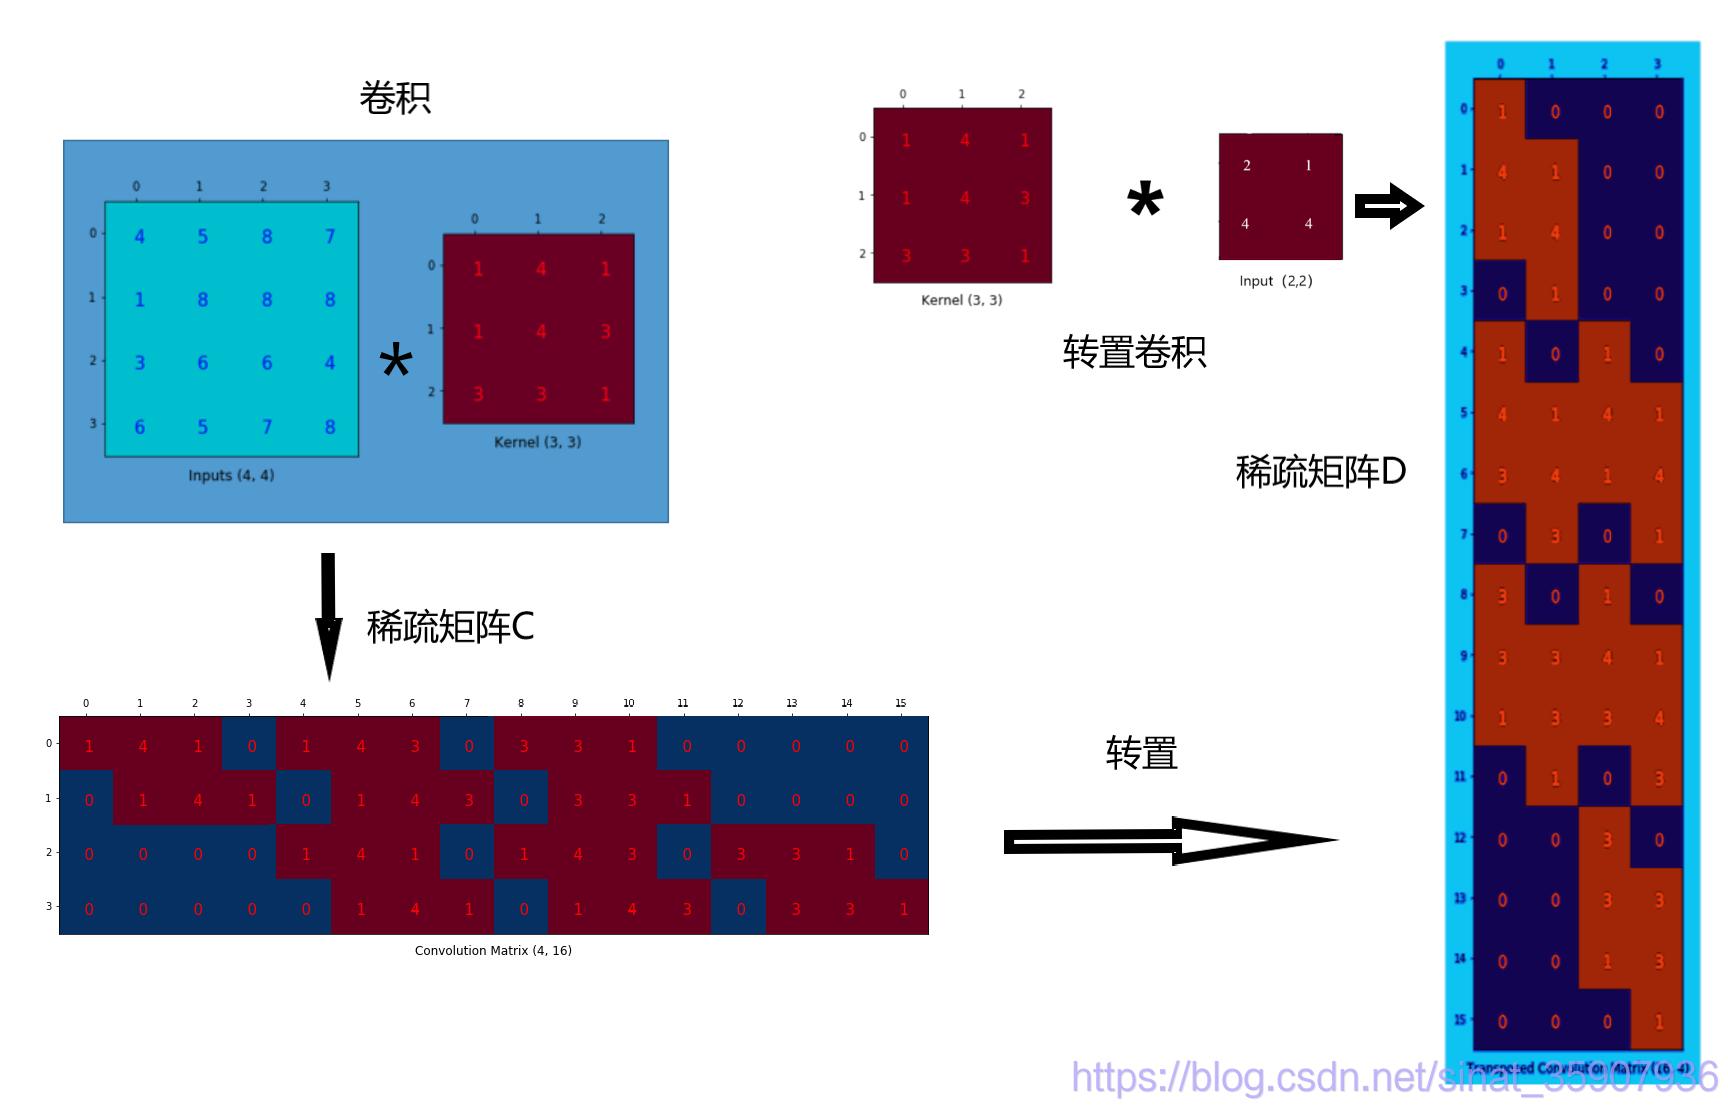 转置卷积稀疏矩阵与卷积稀疏矩阵的关系